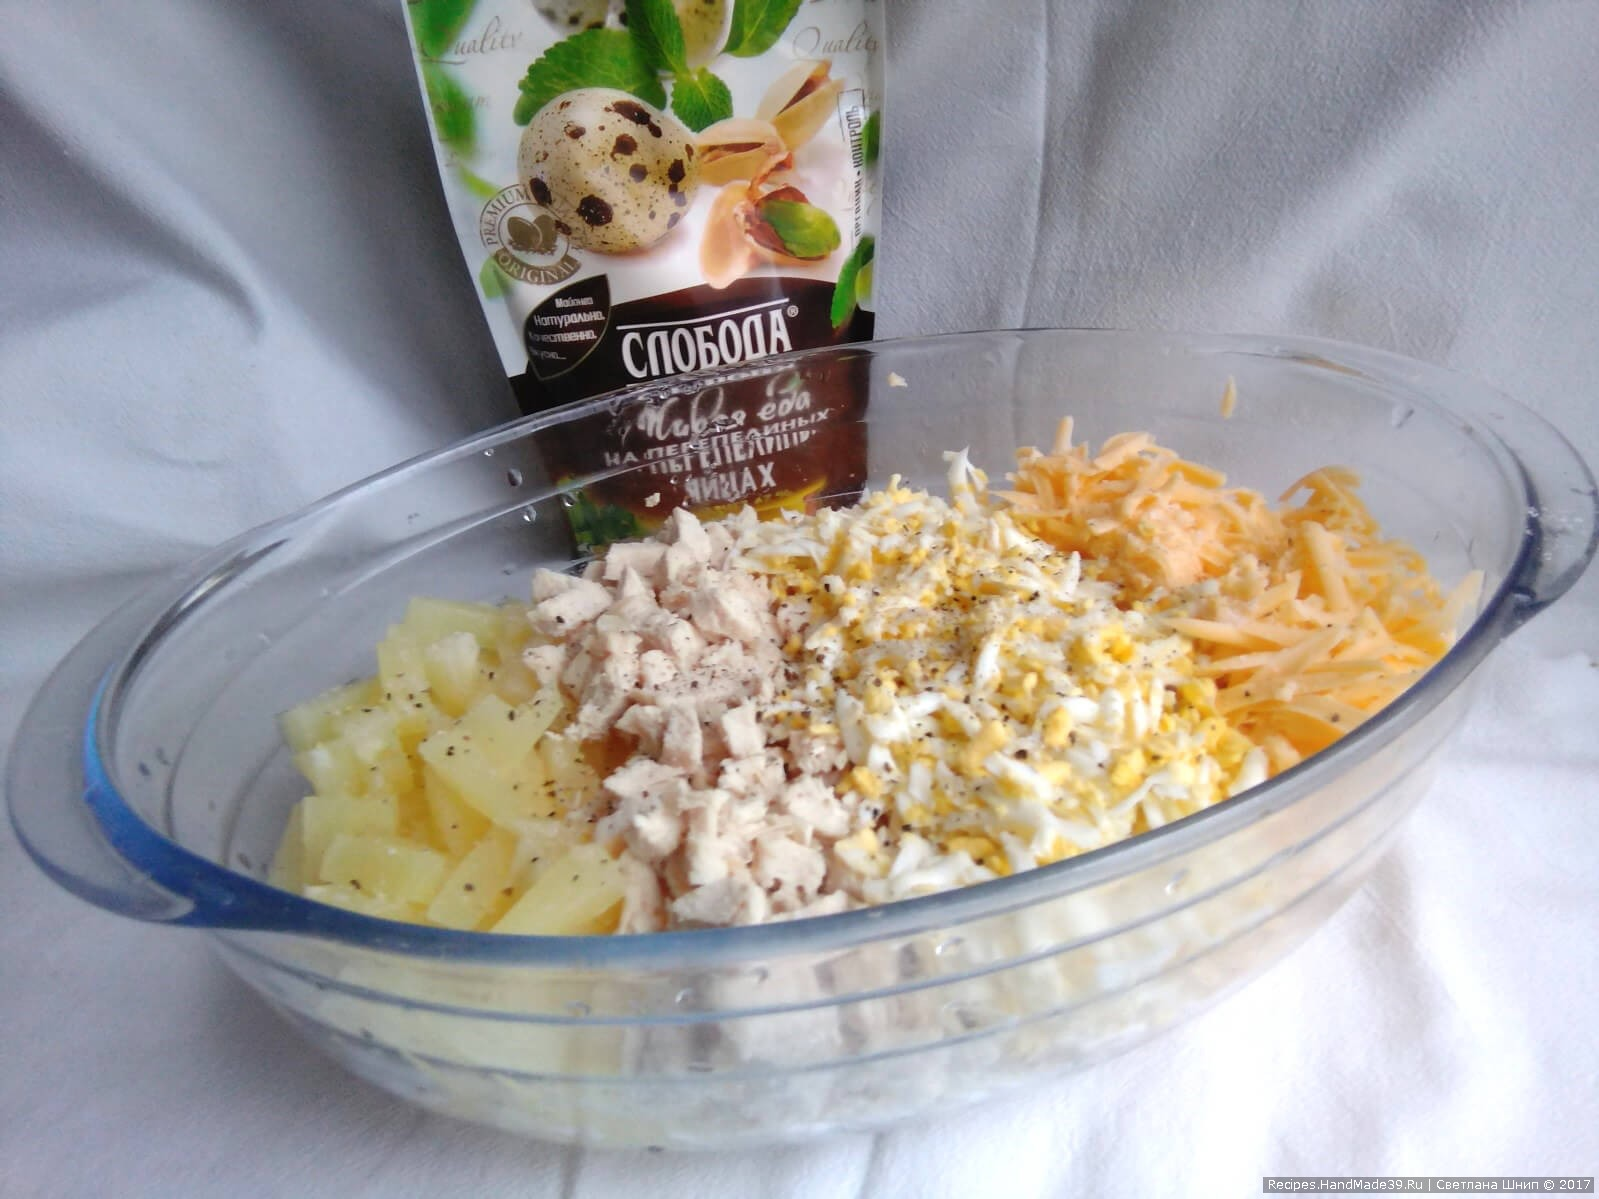 Салат «Шишки» с ананасами и курицей – фото шаг 5. Добавить ананасы в тарелку к остальным продуктам